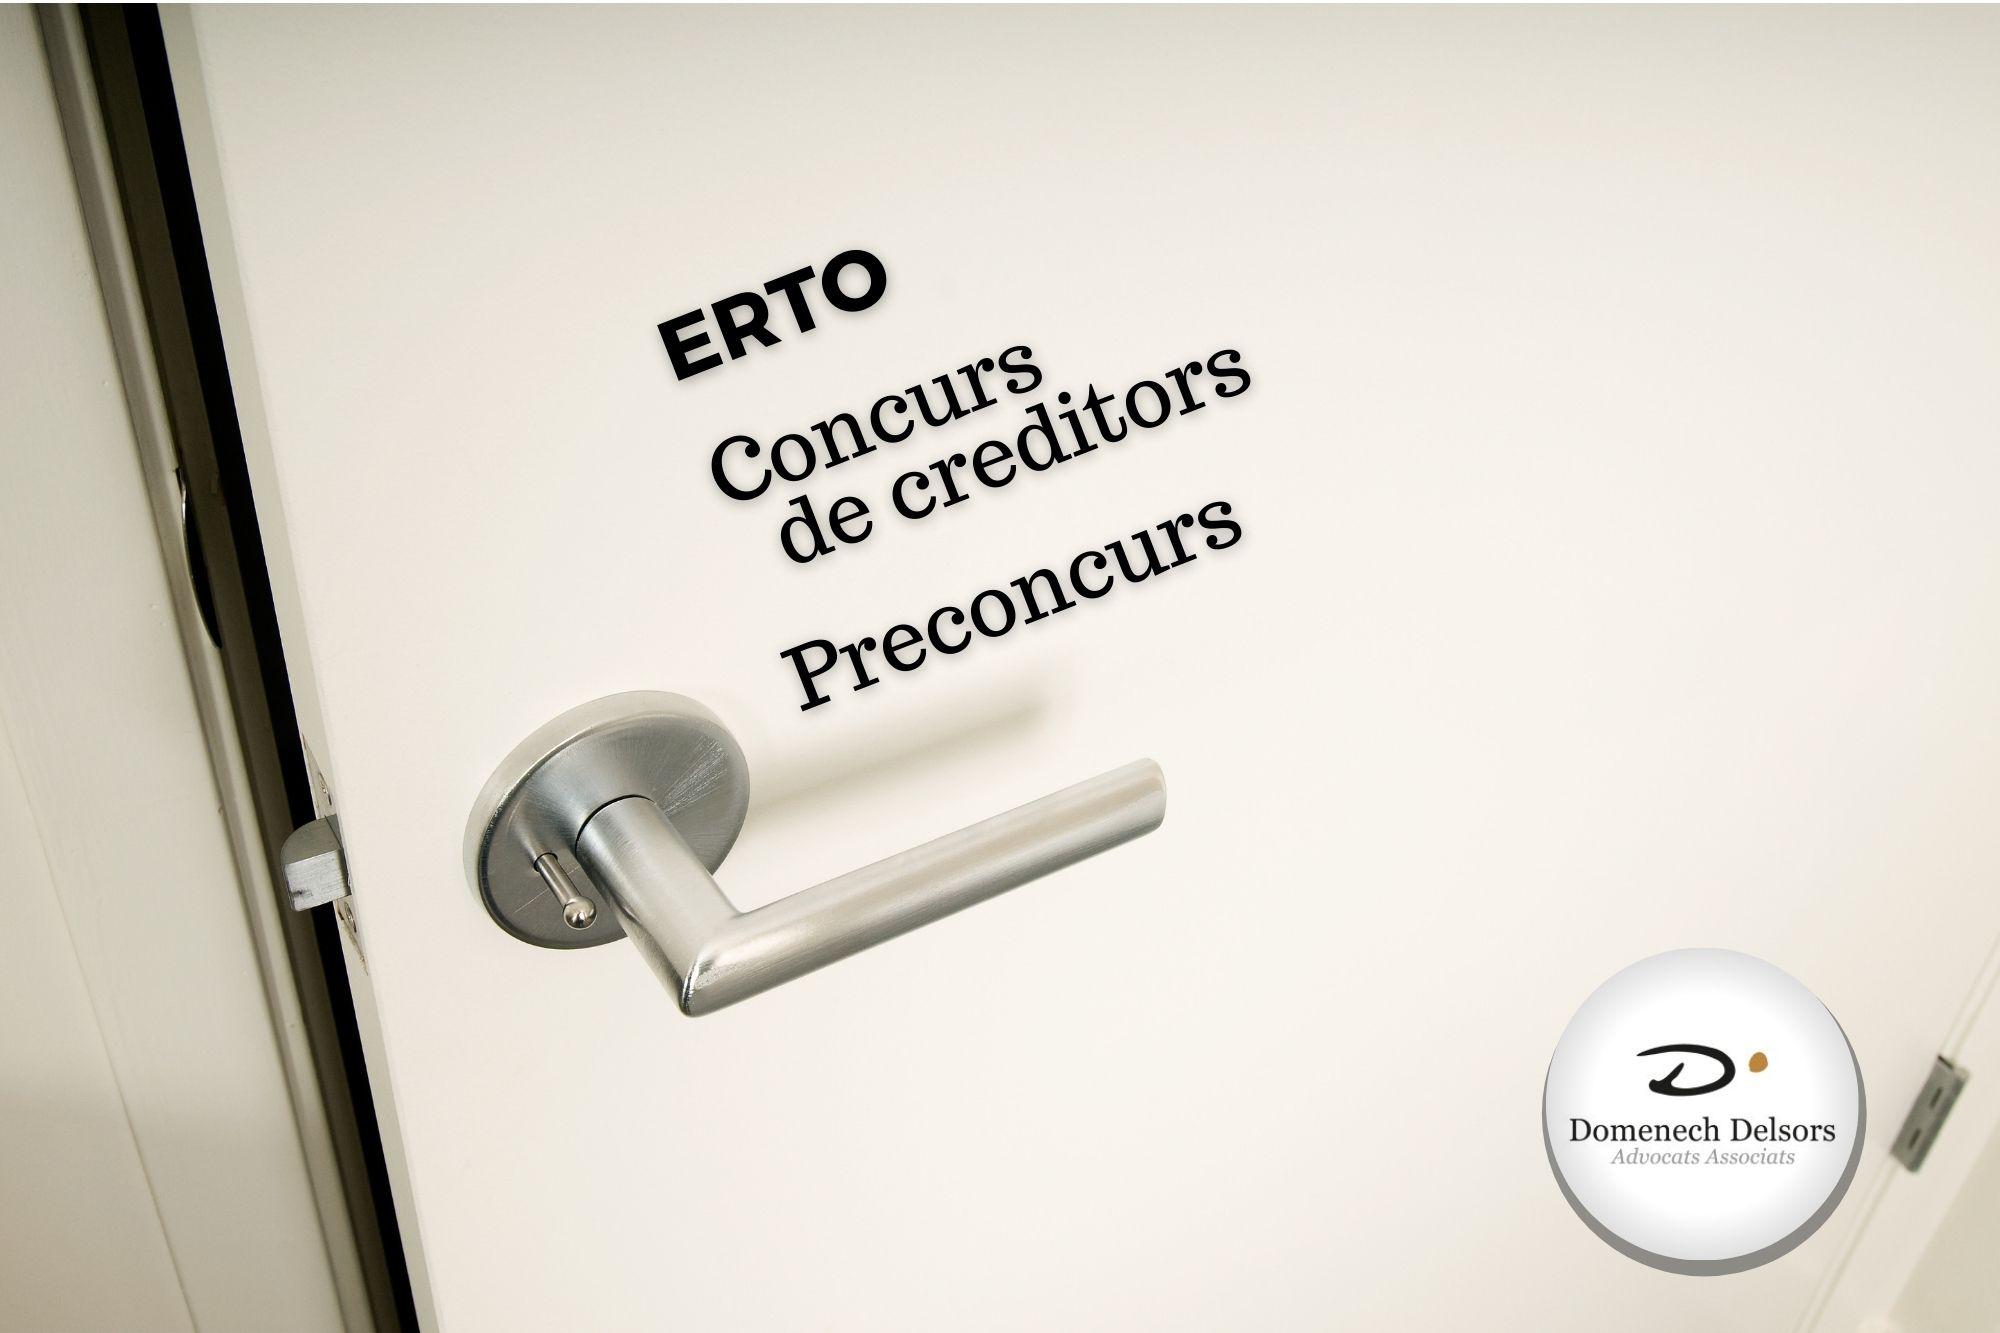 ERTO I Concurs De Creditors, Solucions Enfront De La Crisi De La Covid19